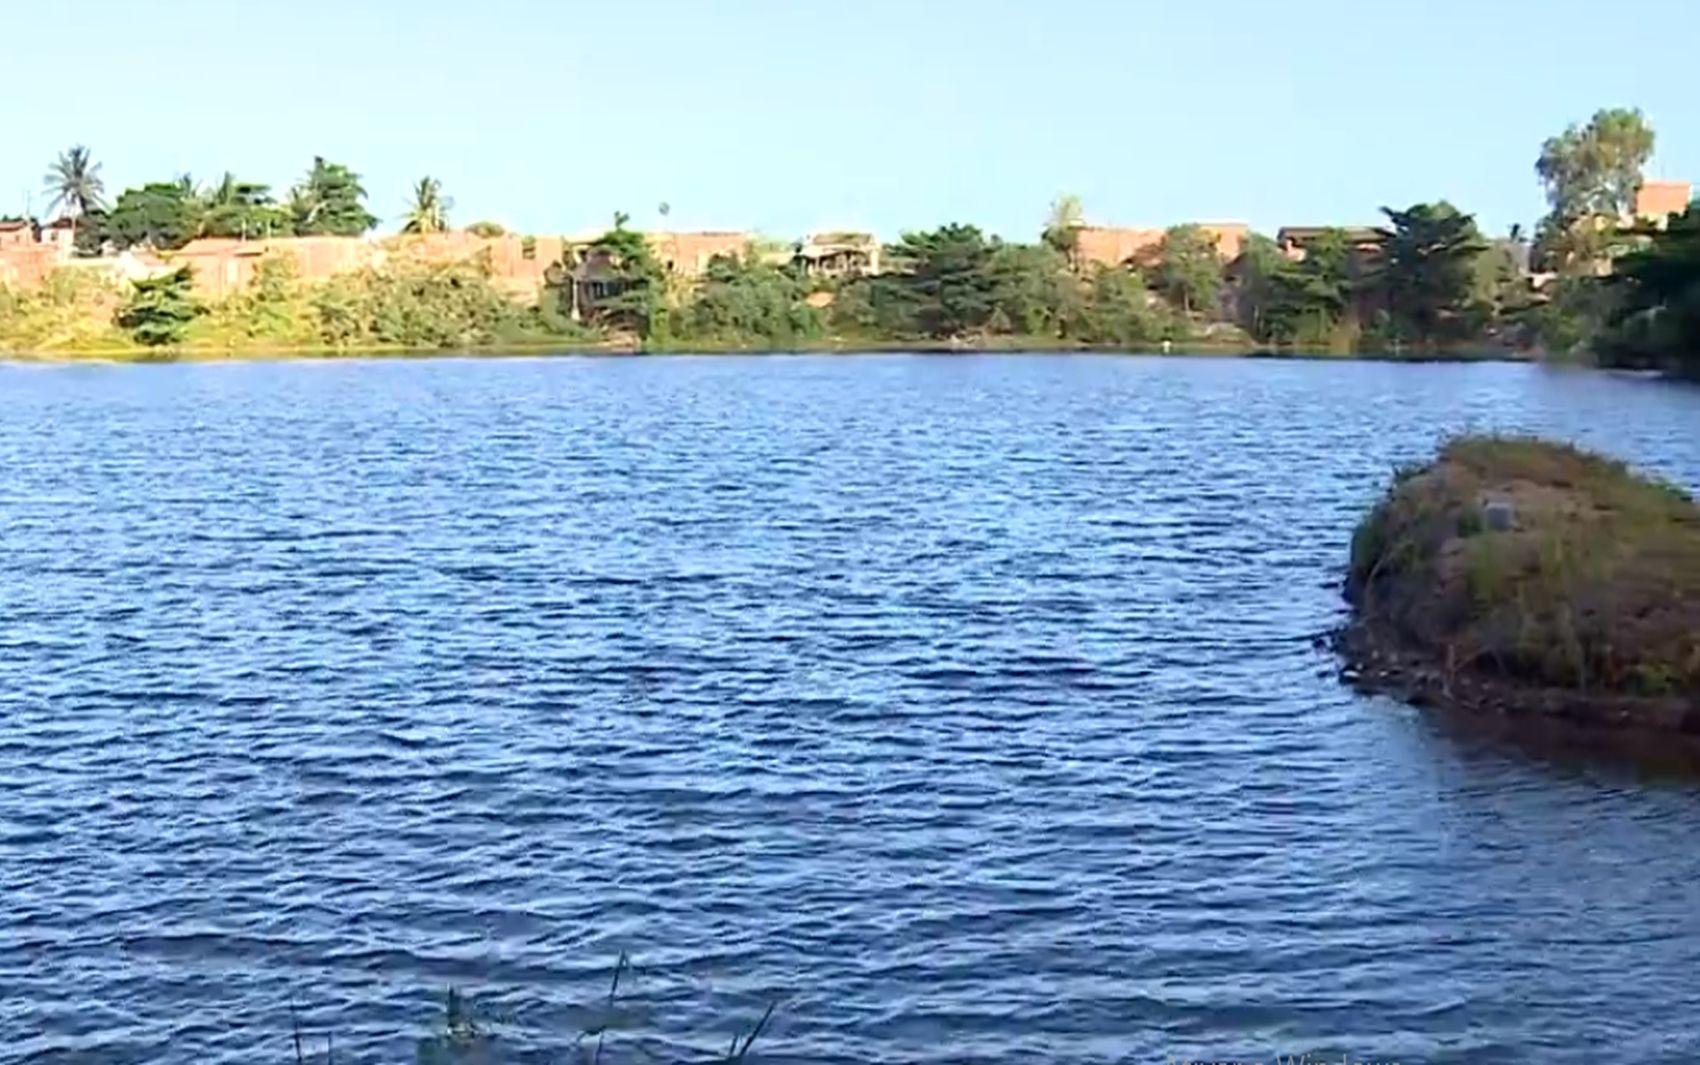 Crianças encontradas mortas em lagoa no Bairro Santa Maria foram assassinadas, diz delegado - Notícias - Plantão Diário